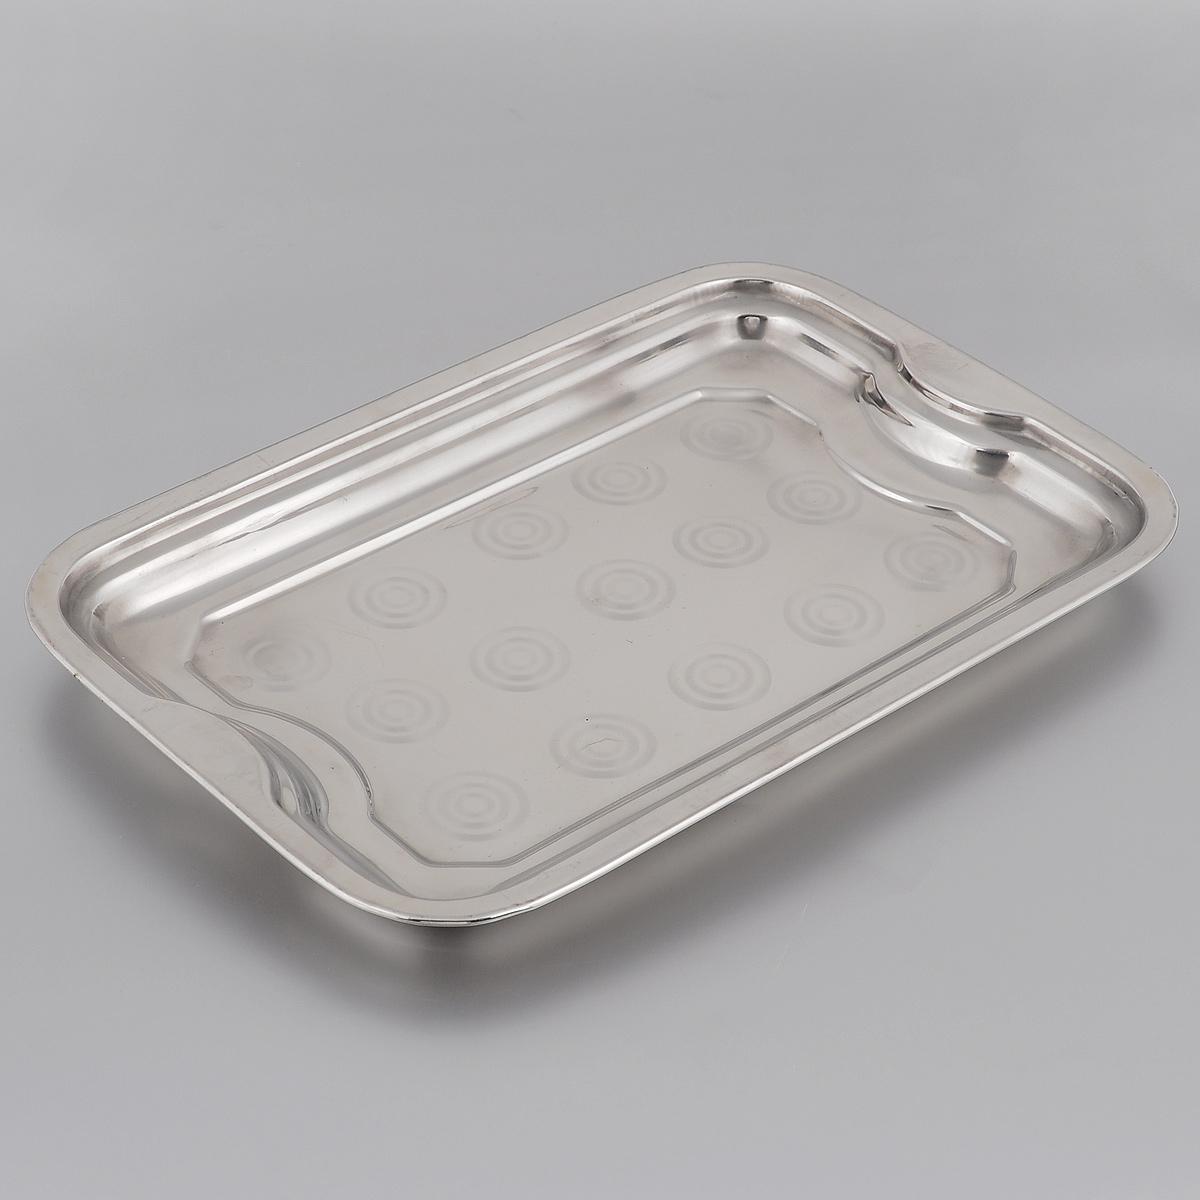 Поднос Padia, 32 х 22 см5400-30Прямоугольный поднос Padia выполнен из высококачественной нержавеющей стали. Он отлично подойдет для красивой сервировки различных блюд, закусок и фруктов на праздничном столе. Благодаря двум ручкам поднос с легкостью можно переносить с места на место.Поднос Padia займет достойное место на вашей кухне.Размер подноса (по верхнему краю): 32 см х 22 см.Высота подноса: 2,5 см.